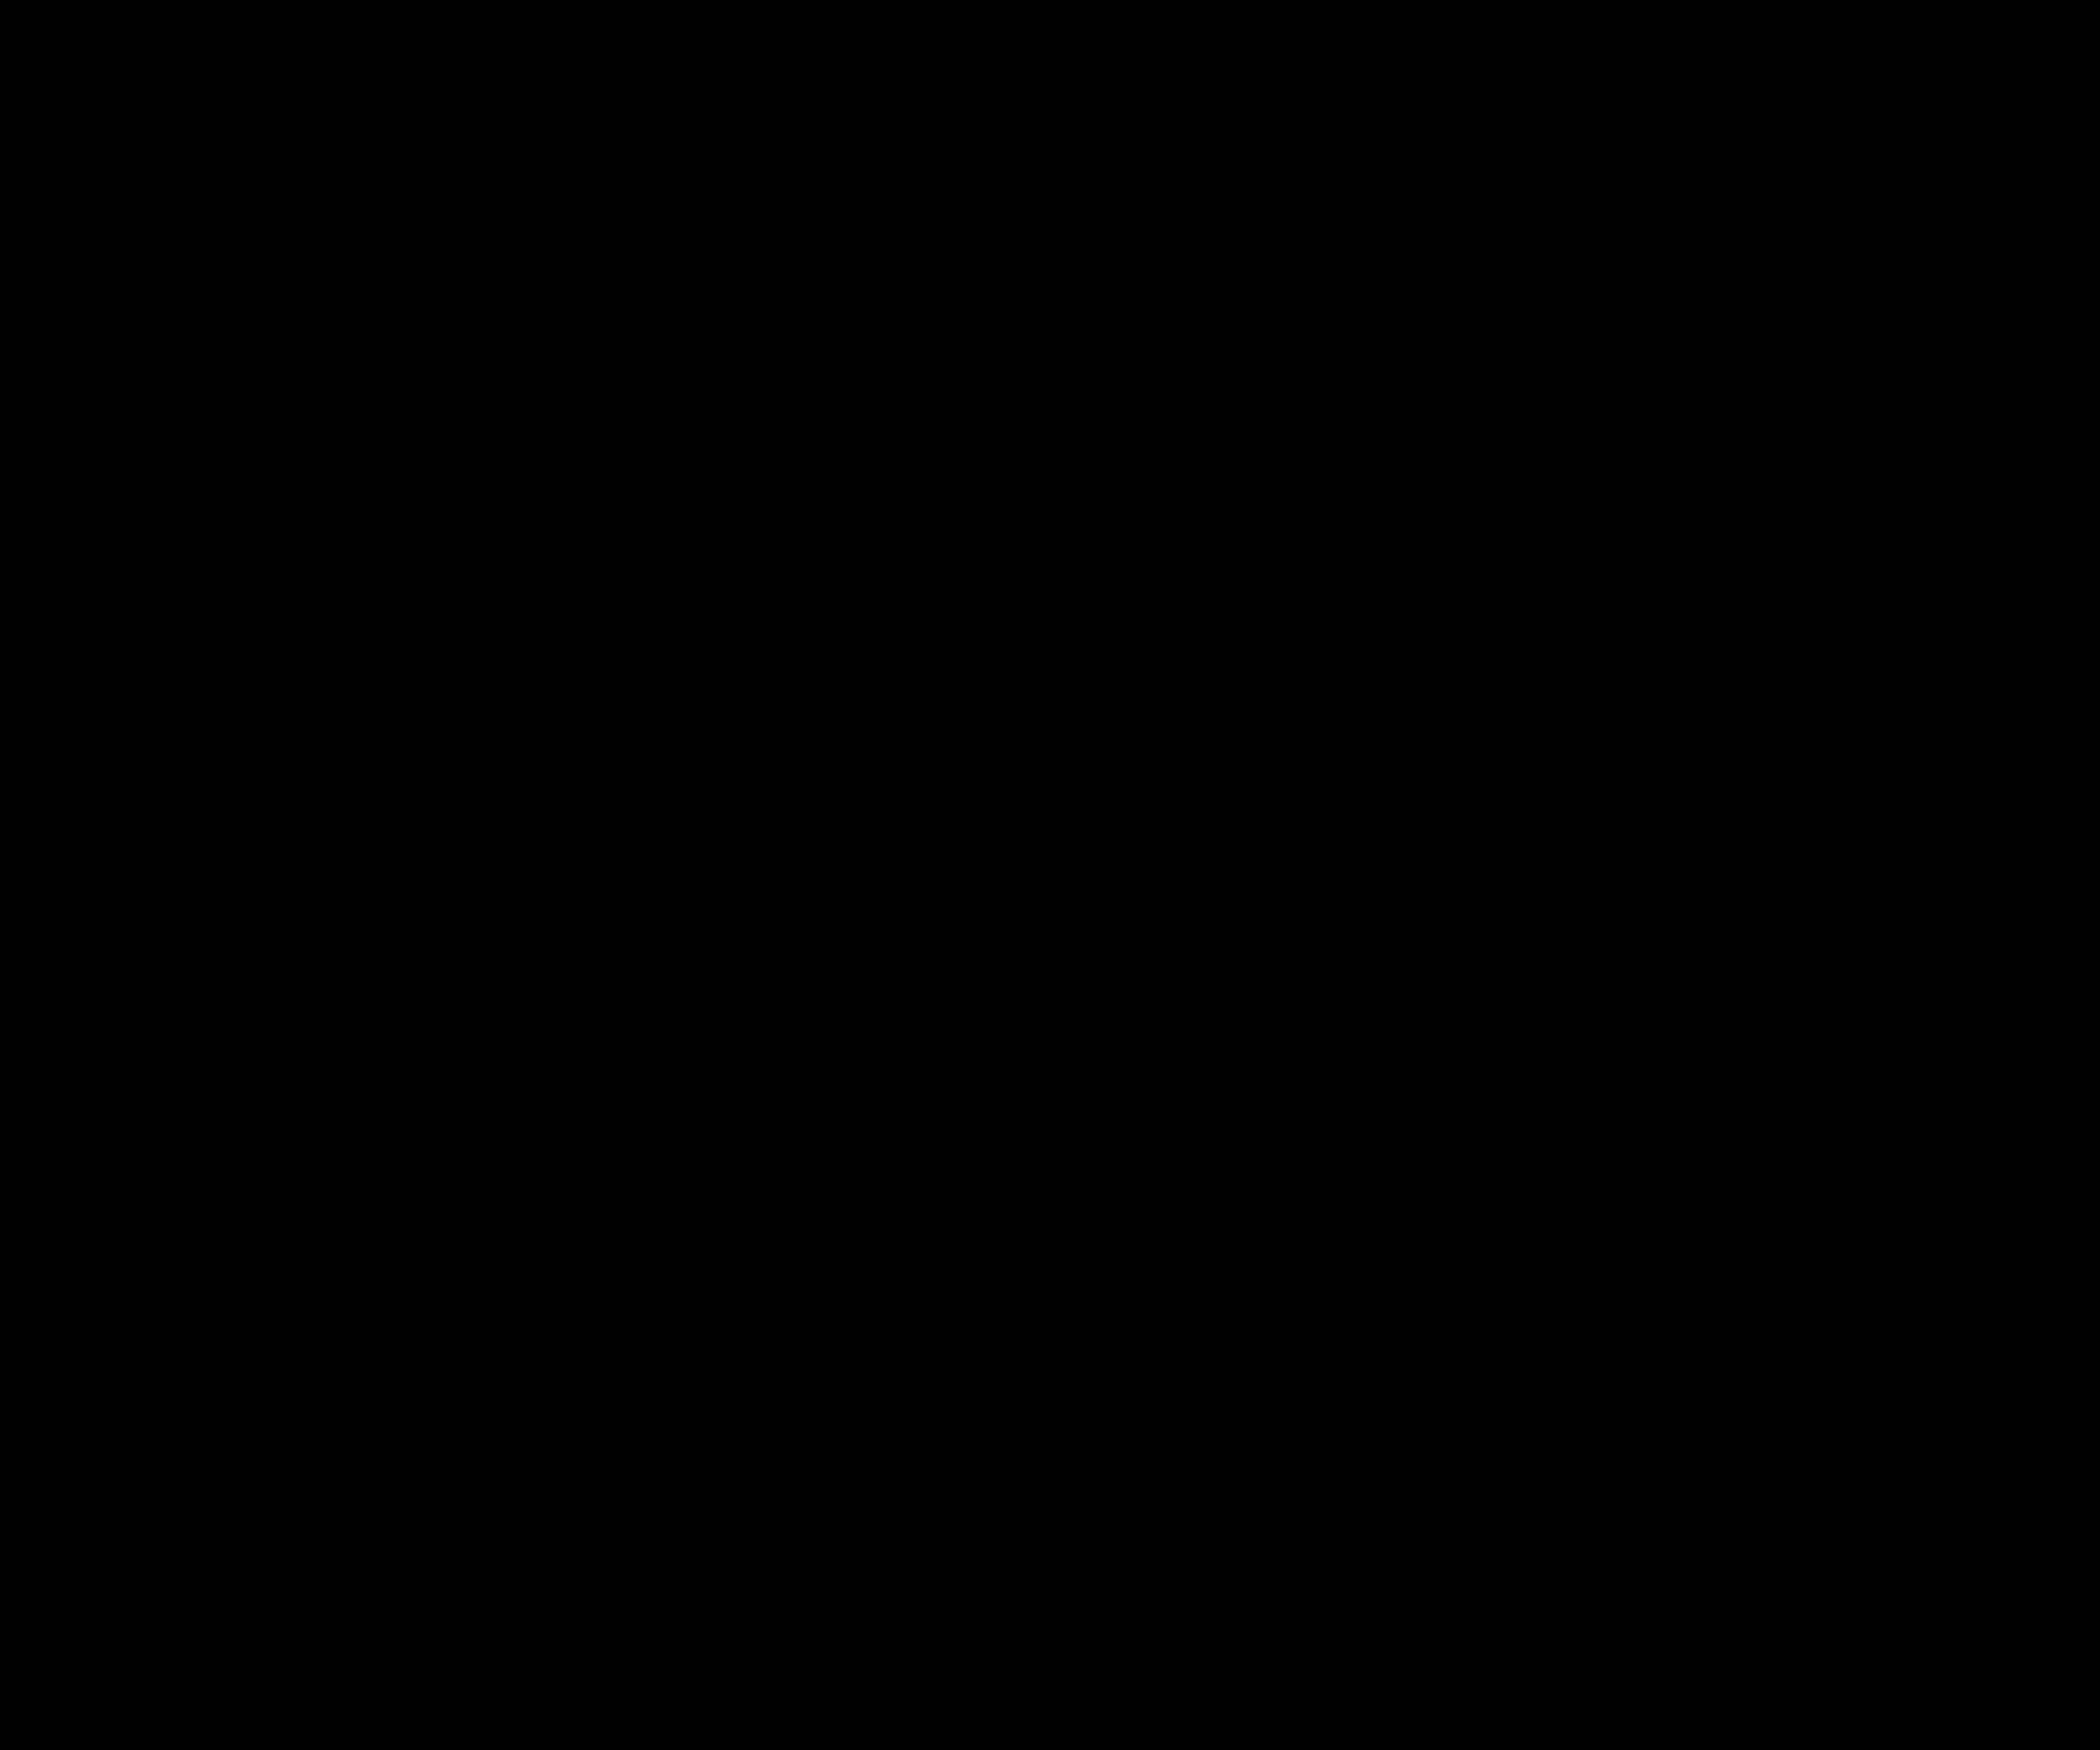 Open Heart Outline